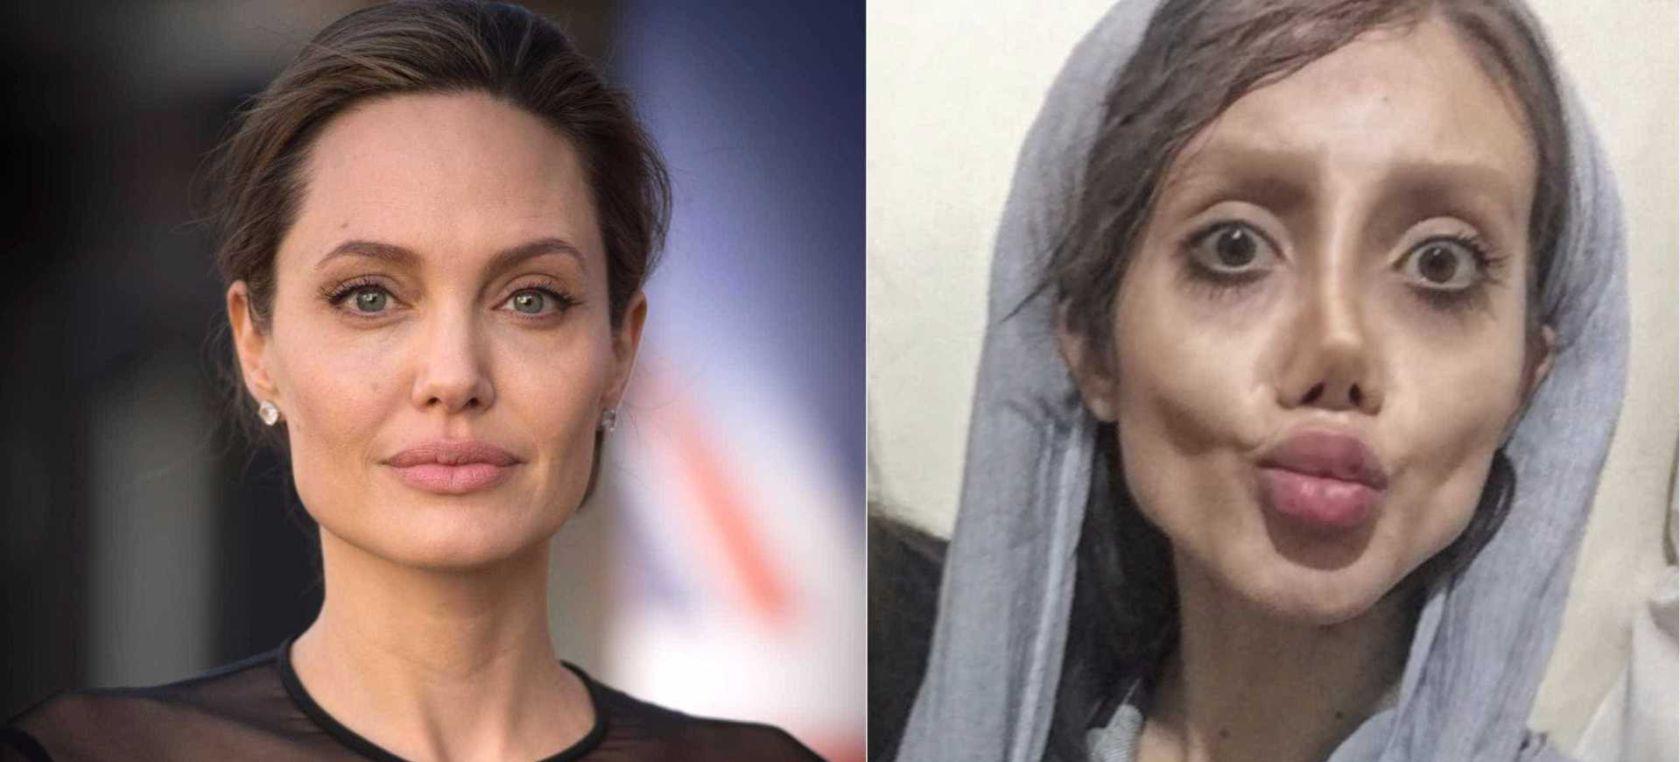 Sahar Tabar Images >> Viral: Así lucía la chica que se operó para parecerse a Angelina Jolie | Moda y Belleza | LOS40 ...